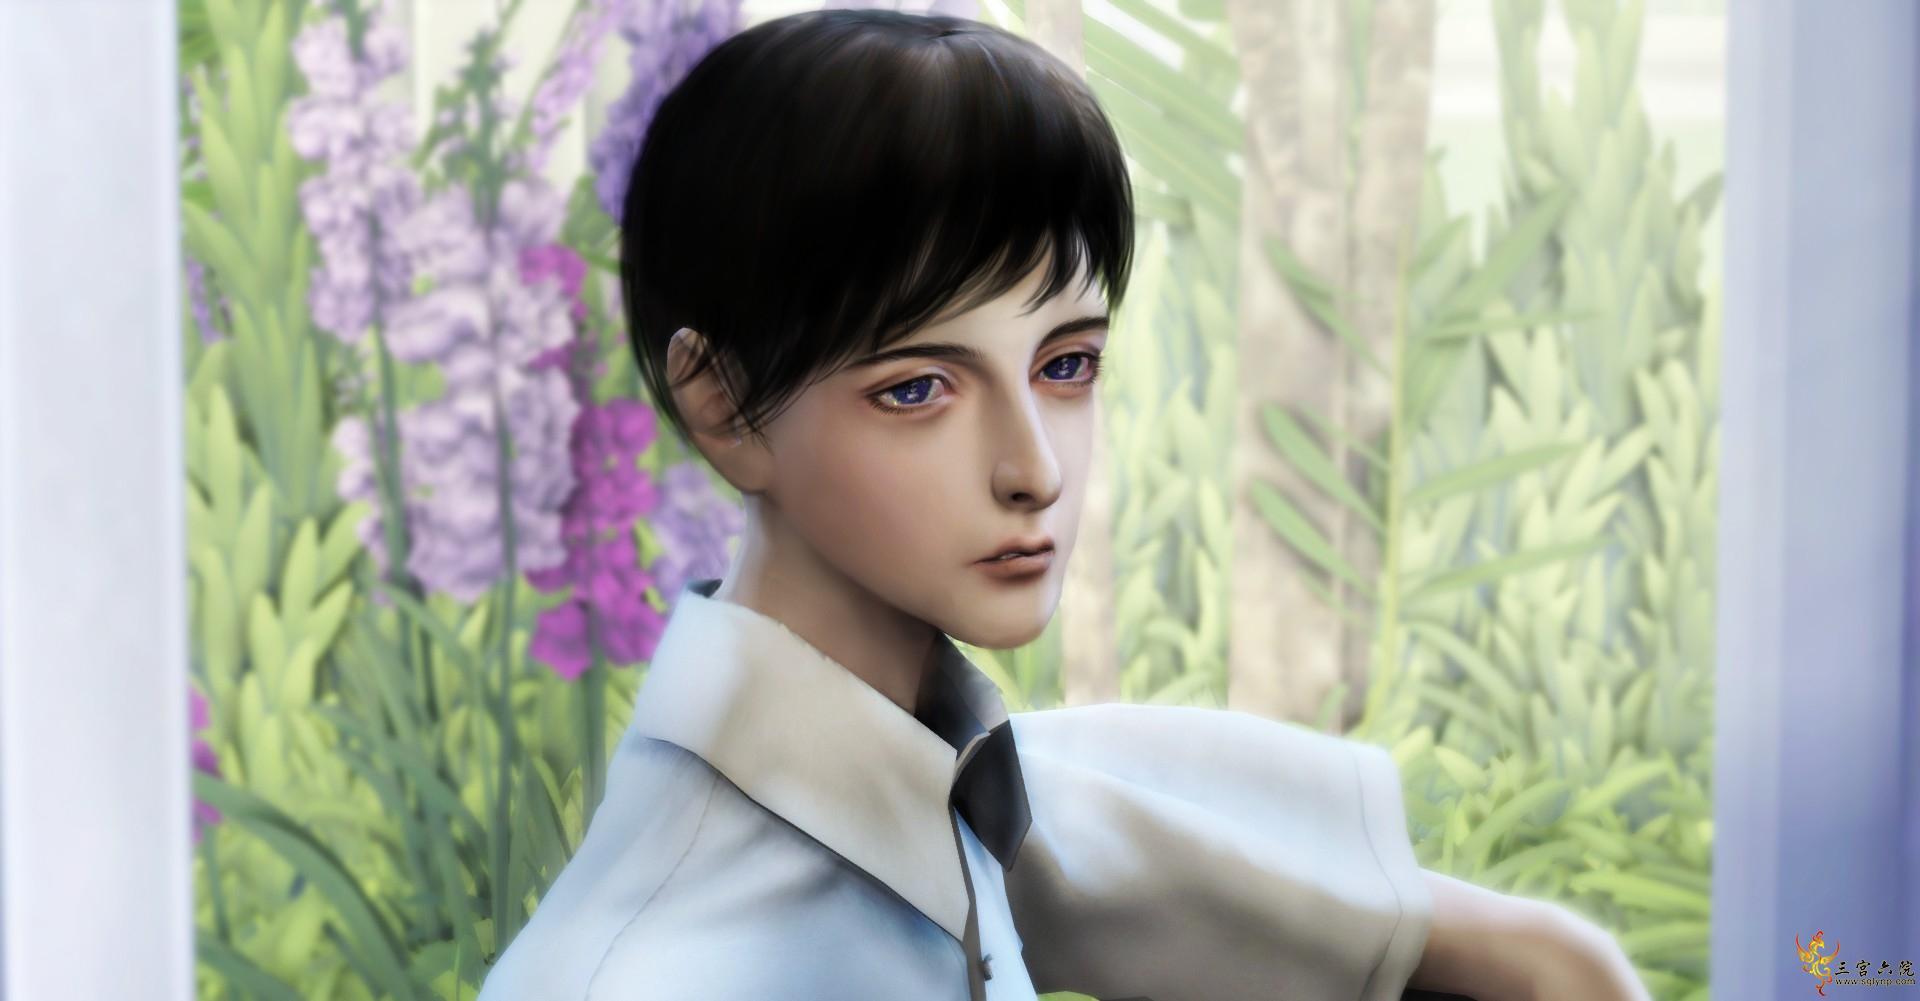 Sims 4 Screenshot 2021.08.28 - 23.21.45.54.png